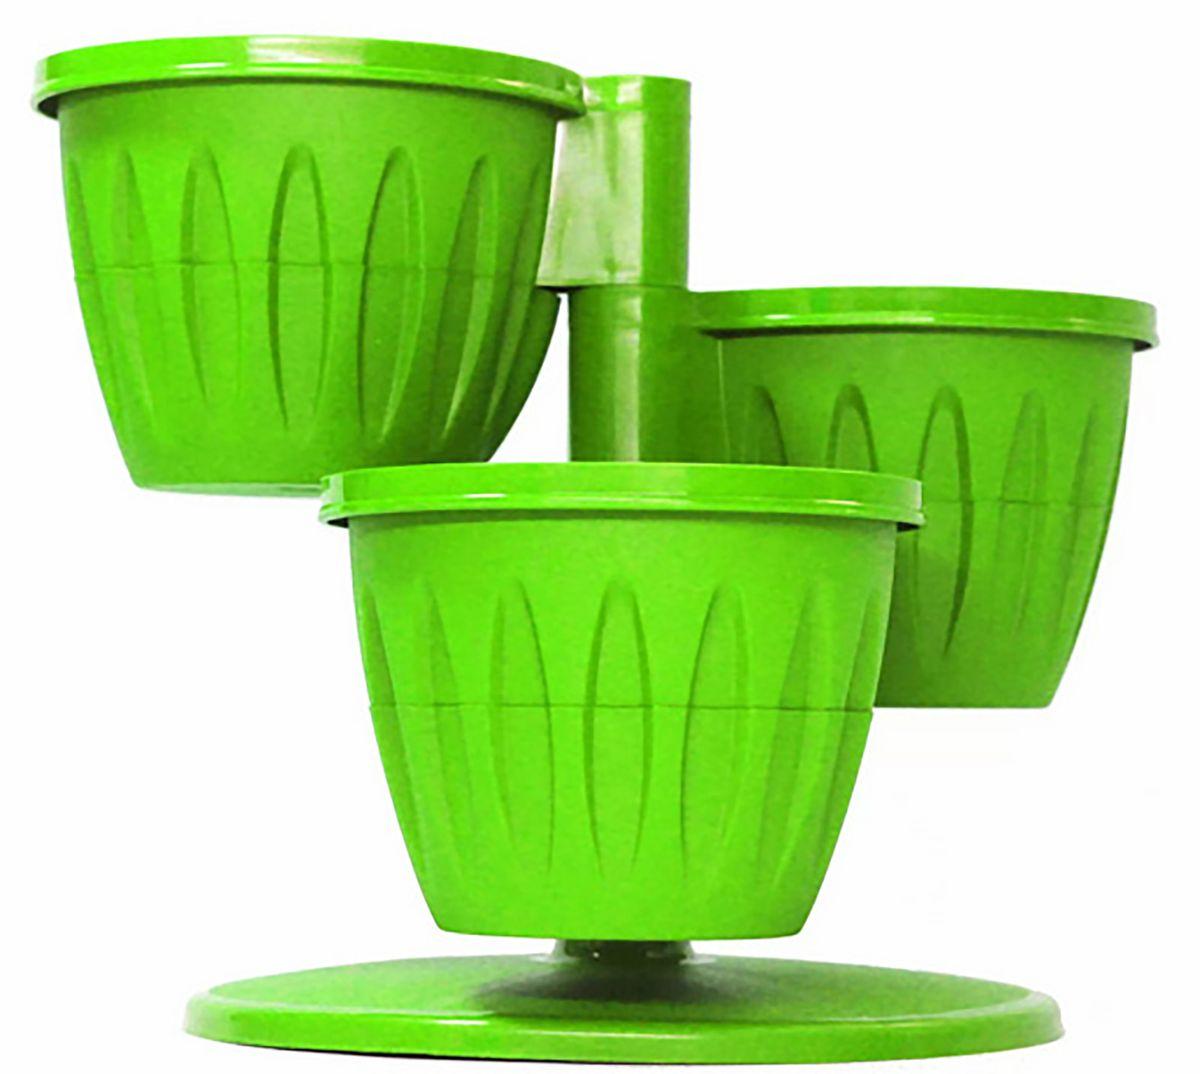 Цветочный каскад JetPlast Каскад, с подставкой, цвет: фисташковый, 29 x 23 см4612754051915Цветочный каскад JetPlast выполнен из полипропилена. Он состоит из трех горшков, установленных на одну подставку. Каждый горшок состоит из двух частей: в верхнюю высаживается растение, а нижняя часть используется как резервуар для воды. Цветочный каскад позволит вам эффективно использовать площадь подоконника для высадки растений.